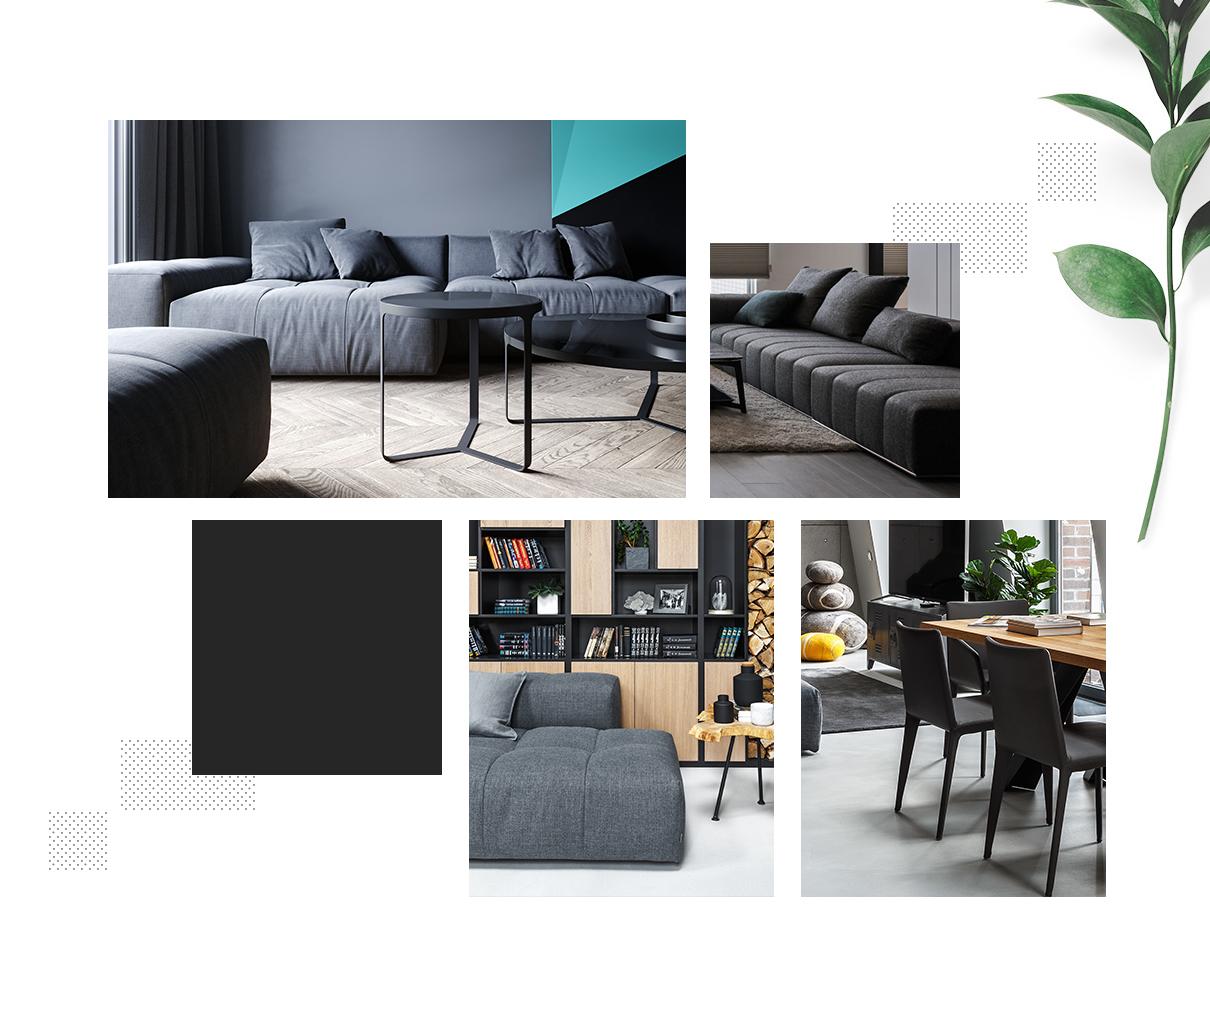 室内设计-过渡.jpg